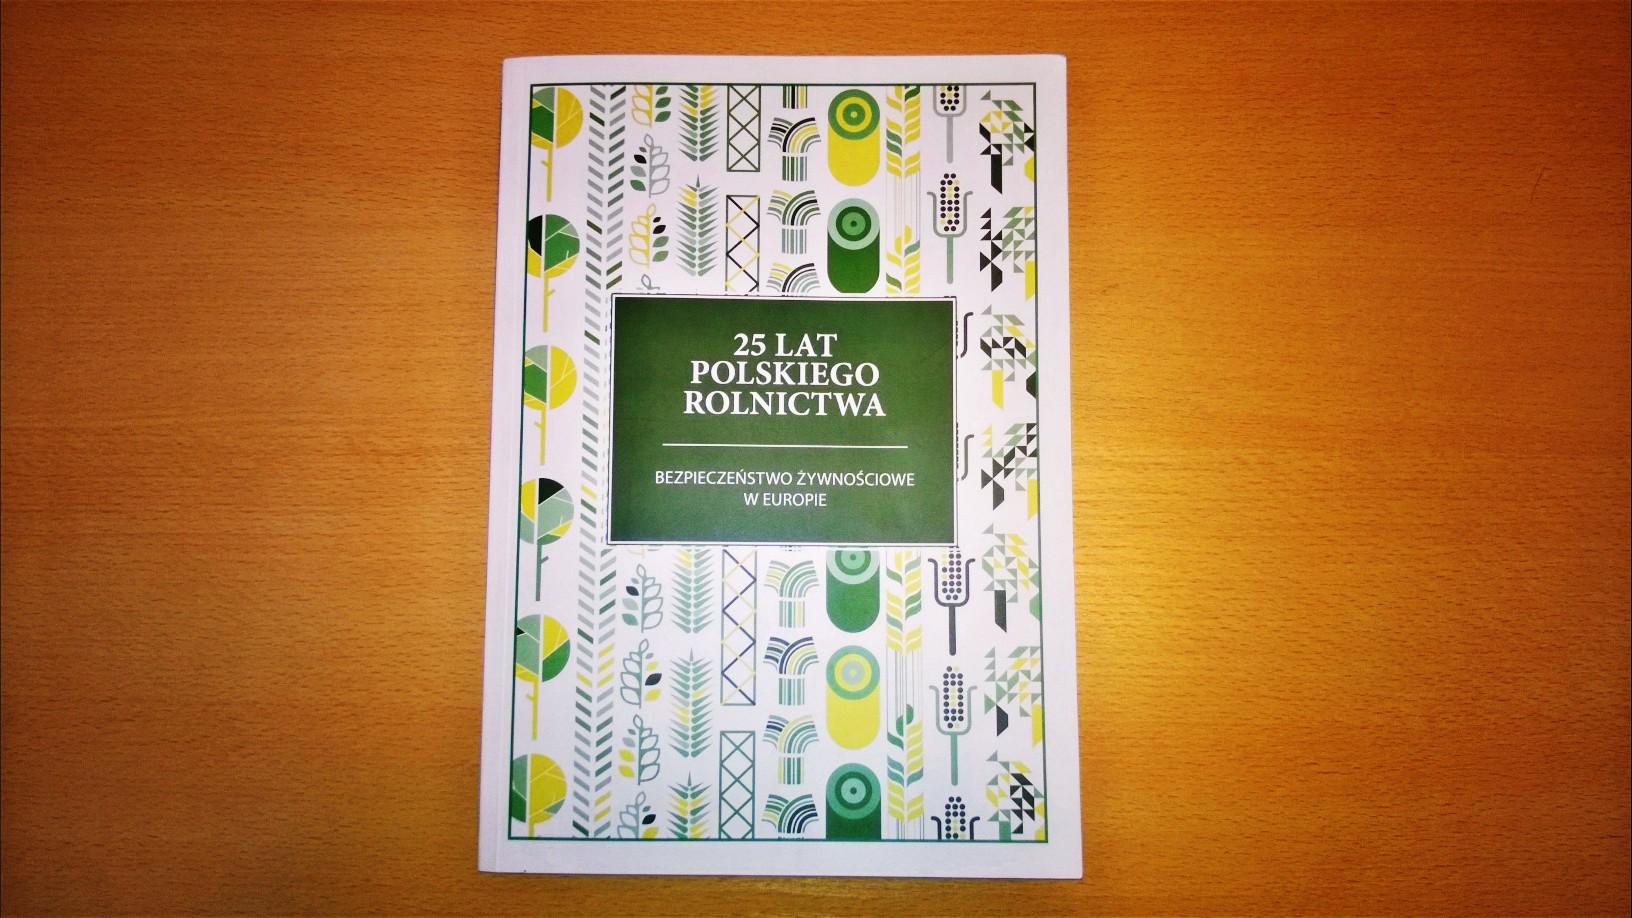 """Raport """"25 lat Polskiego Rolnictwa"""" wydany!"""